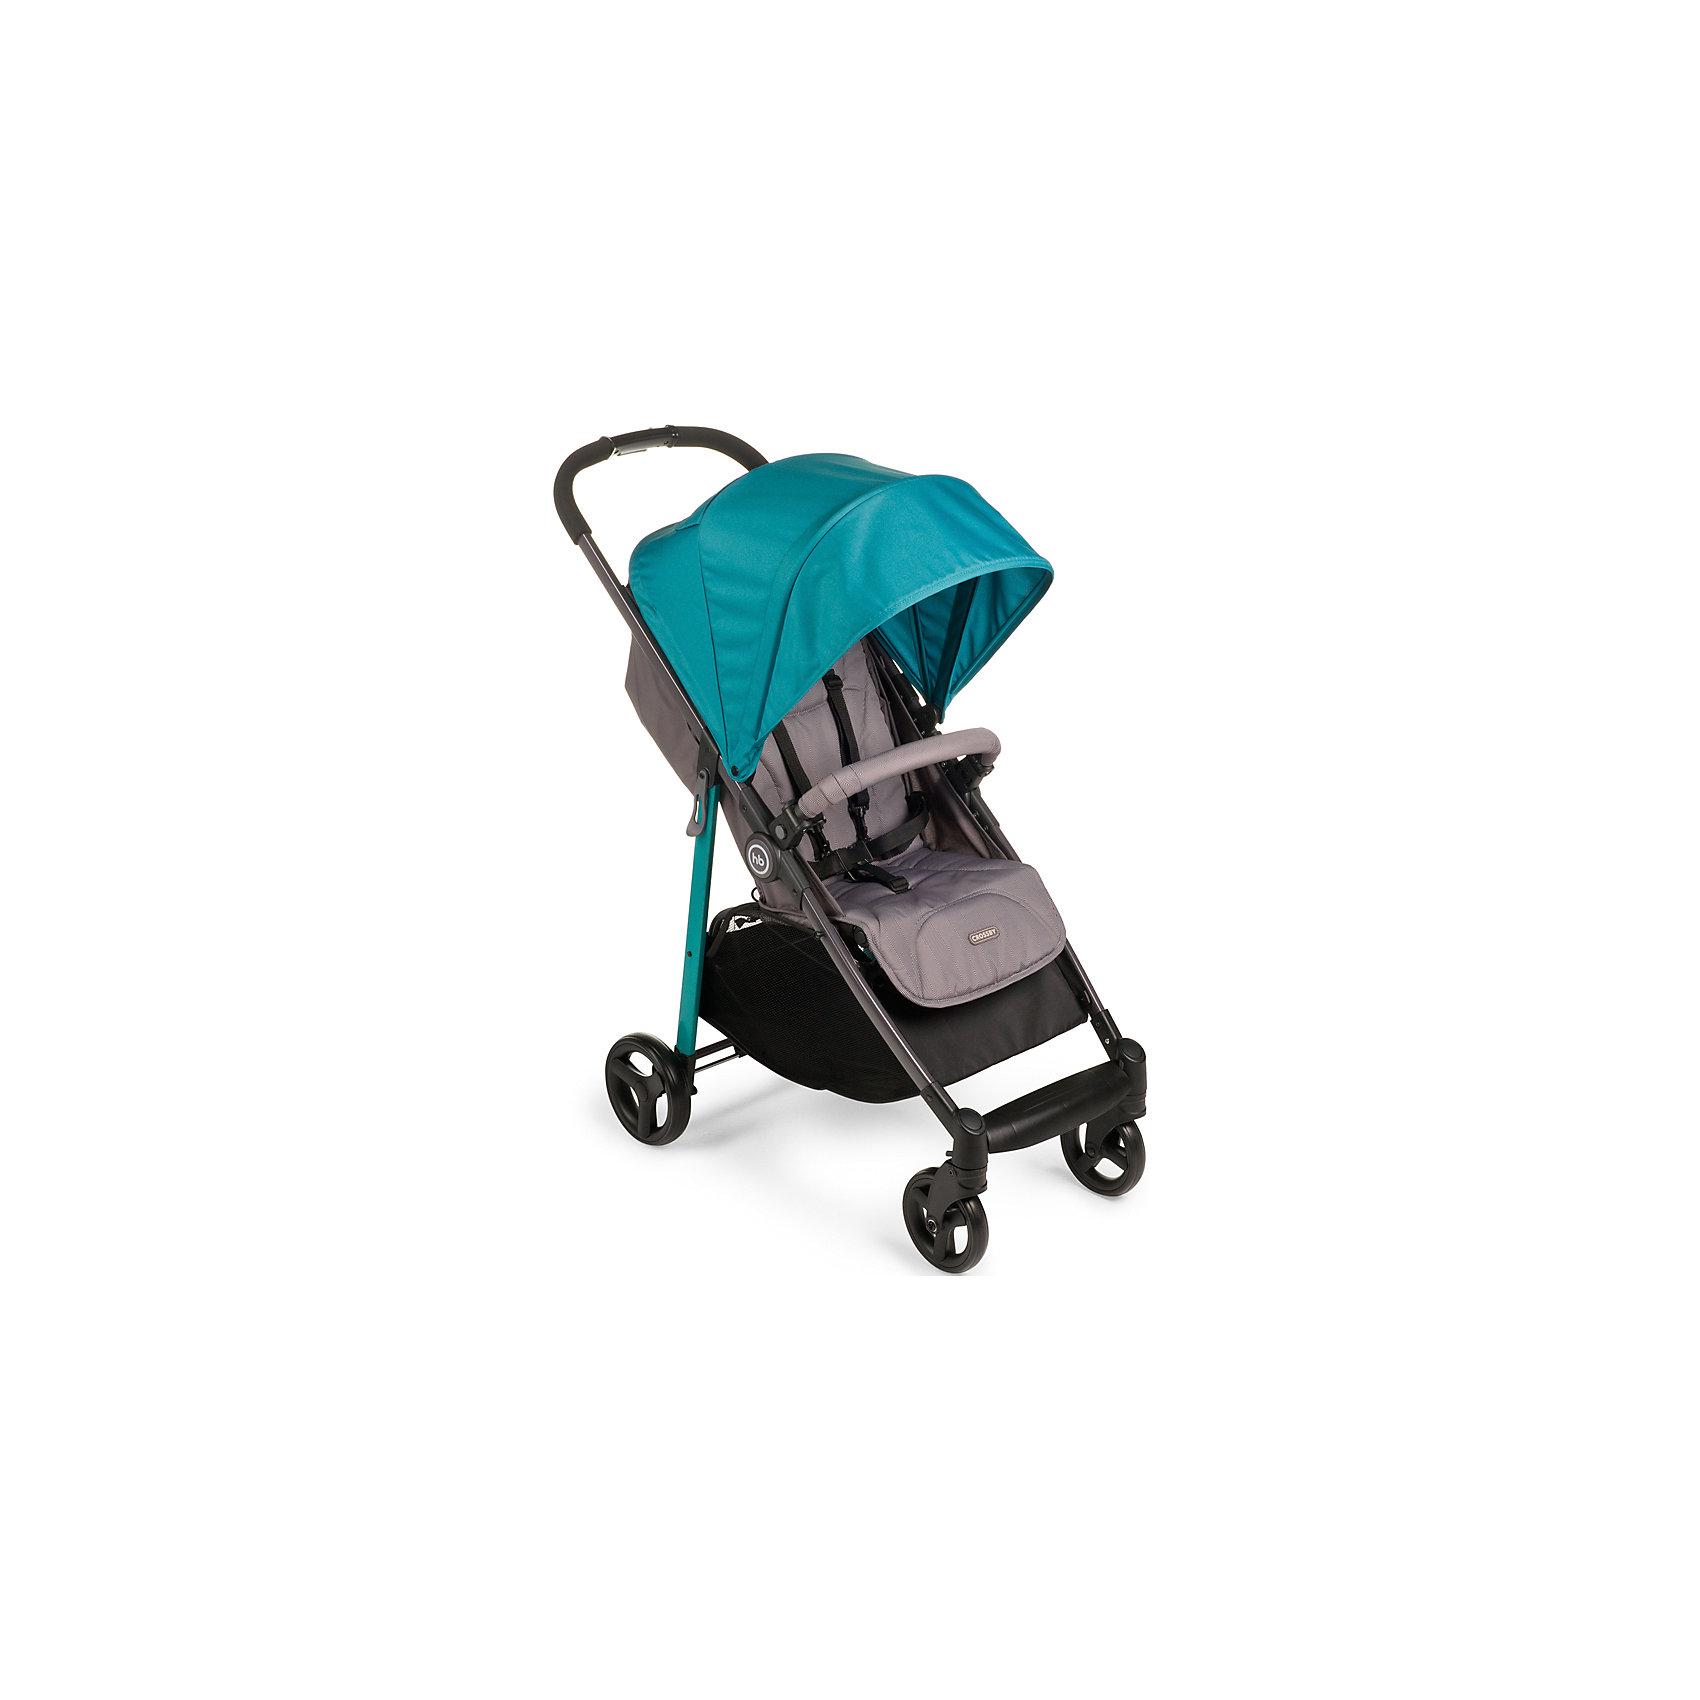 Прогулочная коляска Happy Baby, Crossby, аквамаринПрогулочные коляски<br>Прогулочная коляска Happy Baby, Crossby аквамарин – эта легкая прогулочная коляска подарит удовольствие от использования и малышу, и маме.<br>Прогулочная коляска Crossby создана в минималистичном стиле, при этом сочетая в себе максимально необходимое количество характеристик для комфортных прогулок и путешествий. Благодаря амортизации на передних и задних колесах, коляска способна передвигаться по любой дороге, включая не глубокий снег. Эта всесезонная коляска укомплектована чехлом на ножки, дождевиком и москитной сеткой. Имеет широкое сиденье с возможностью плавной регулировки угла наклона спинки (количество положений не ограничено), пятиточечные ремни безопасности, большой капюшон со смотровым окошком, регулируемую в трех положениях подножку, съемный бампер, вместительную корзину для покупок. Обивка коляски выполнена из современных высокотехнологичных тканей, что создает дополнительный комфорт для ребенка и мамы.<br><br>Дополнительная информация:<br><br>- В комплекте: дождевик, чехол на ножки, москитная сетка<br>- Возраст: от 7 месяцев<br>- Максимальный вес ребенка: 20 кг.<br>- Тип складывания: книжка<br>- Цвет: аквамарин<br>- Ширина сиденья: 34 см.<br>- Глубина сиденья: 23 см.<br>- Длина спального места: 78 см.<br>- Вес коляски: 7,7 кг.<br>- Размер в сложенном виде: 84х50,5х29 см.<br>- Размер в разложенном виде: 96х50,5х104 см.<br>- Ширина колесной базы: 50,5 см.<br>- Колеса: пластиковые с покрытием EVA (этиленвинилацетат)<br>- Диаметр колес: передние — 15 см, задние —  18 см.<br>- Колёсная база: передние колеса поворотные с возможностью фиксации<br>- Амортизация передних и задних колес<br>- Тормозная педаль на оси задних колес<br><br>Прогулочную коляску Crossby, Happy Baby, аквамарин можно купить в нашем интернет-магазине.<br><br>Ширина мм: 210<br>Глубина мм: 445<br>Высота мм: 835<br>Вес г: 10050<br>Цвет: синий<br>Возраст от месяцев: 7<br>Возраст до месяцев: 36<br>Пол: Унисекс<br>Возраст: Д